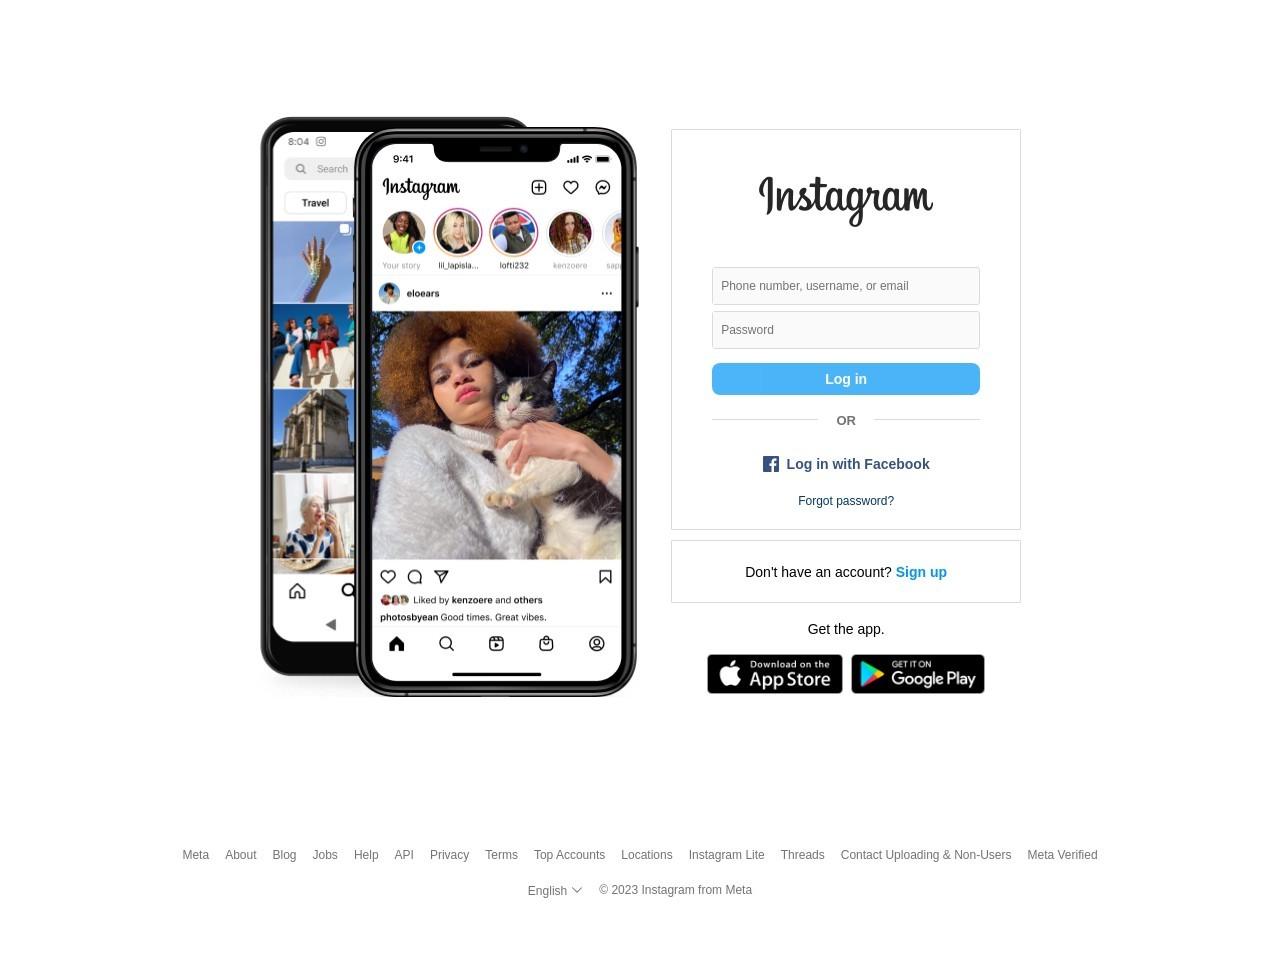 長崎亭キヨちゃんぽんのインスタグラム(Instagram)